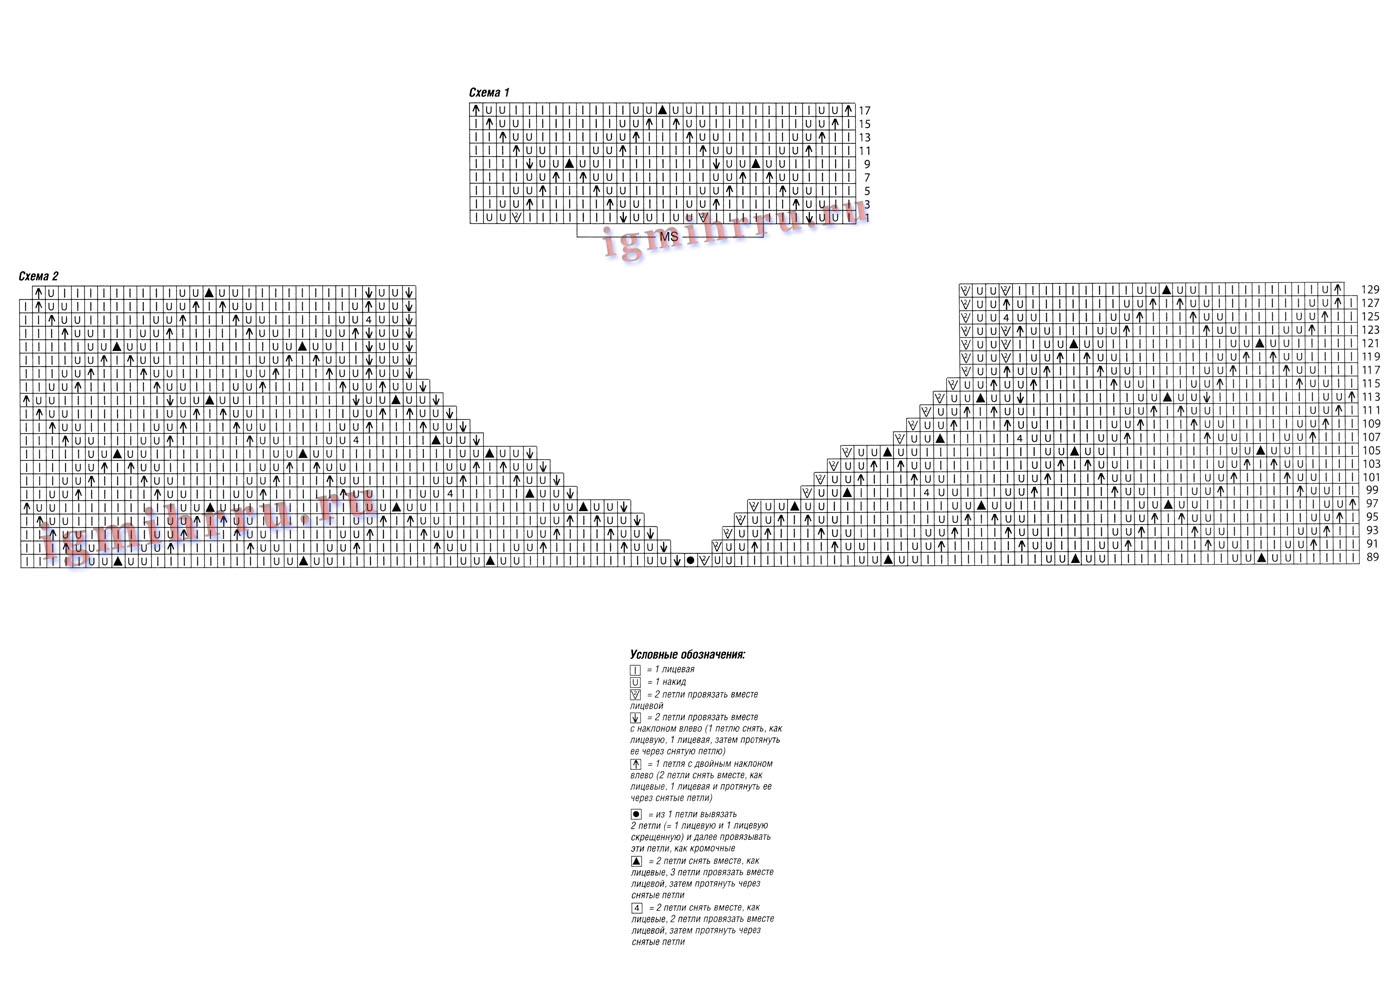 http://igmihrru.ru/MODELI/sp/pulover/970/970.2.jpg